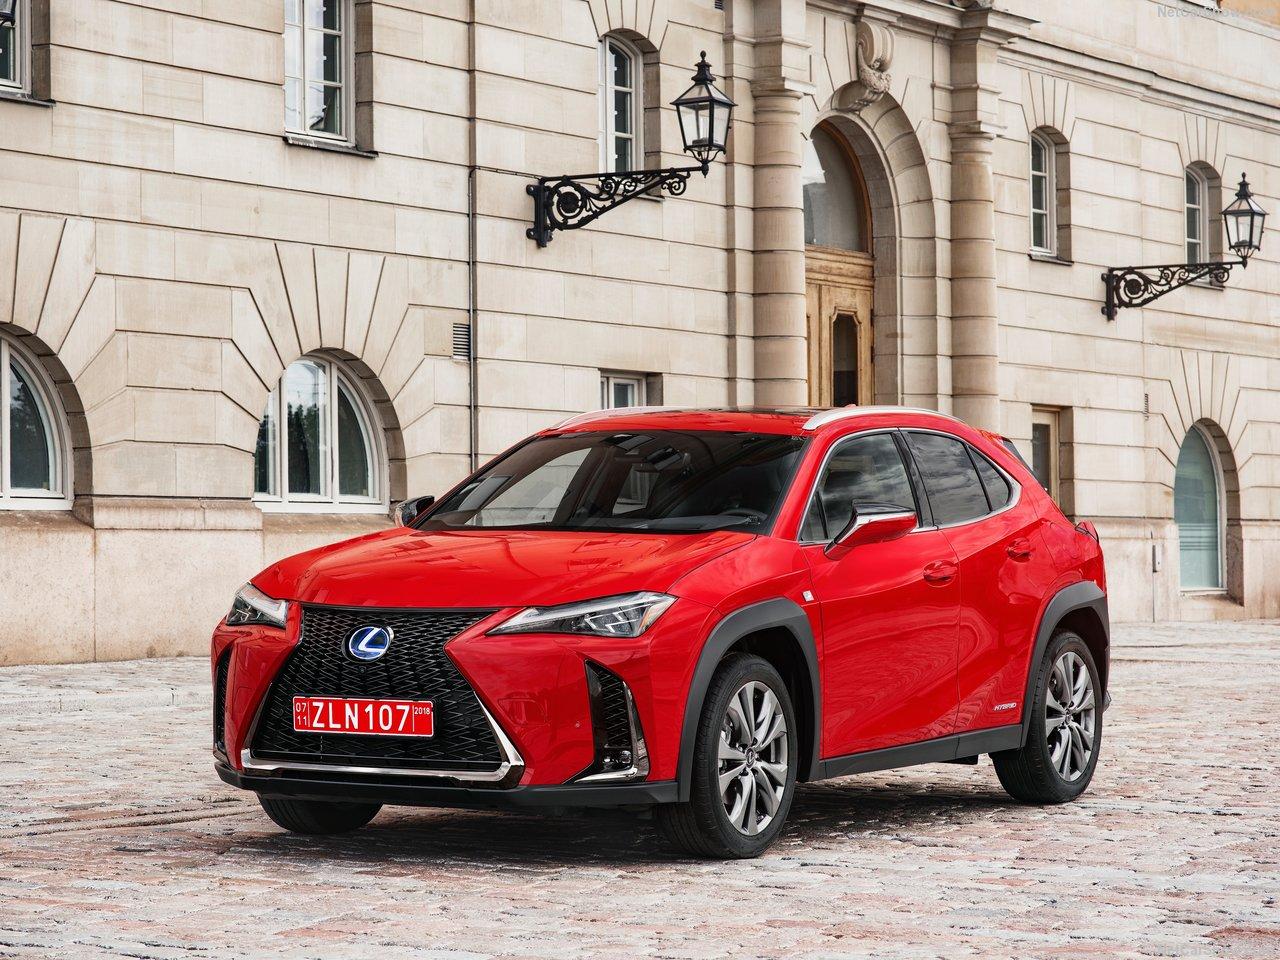 Lexus-UX-2019-1280-05_20180828182427e3b.jpg